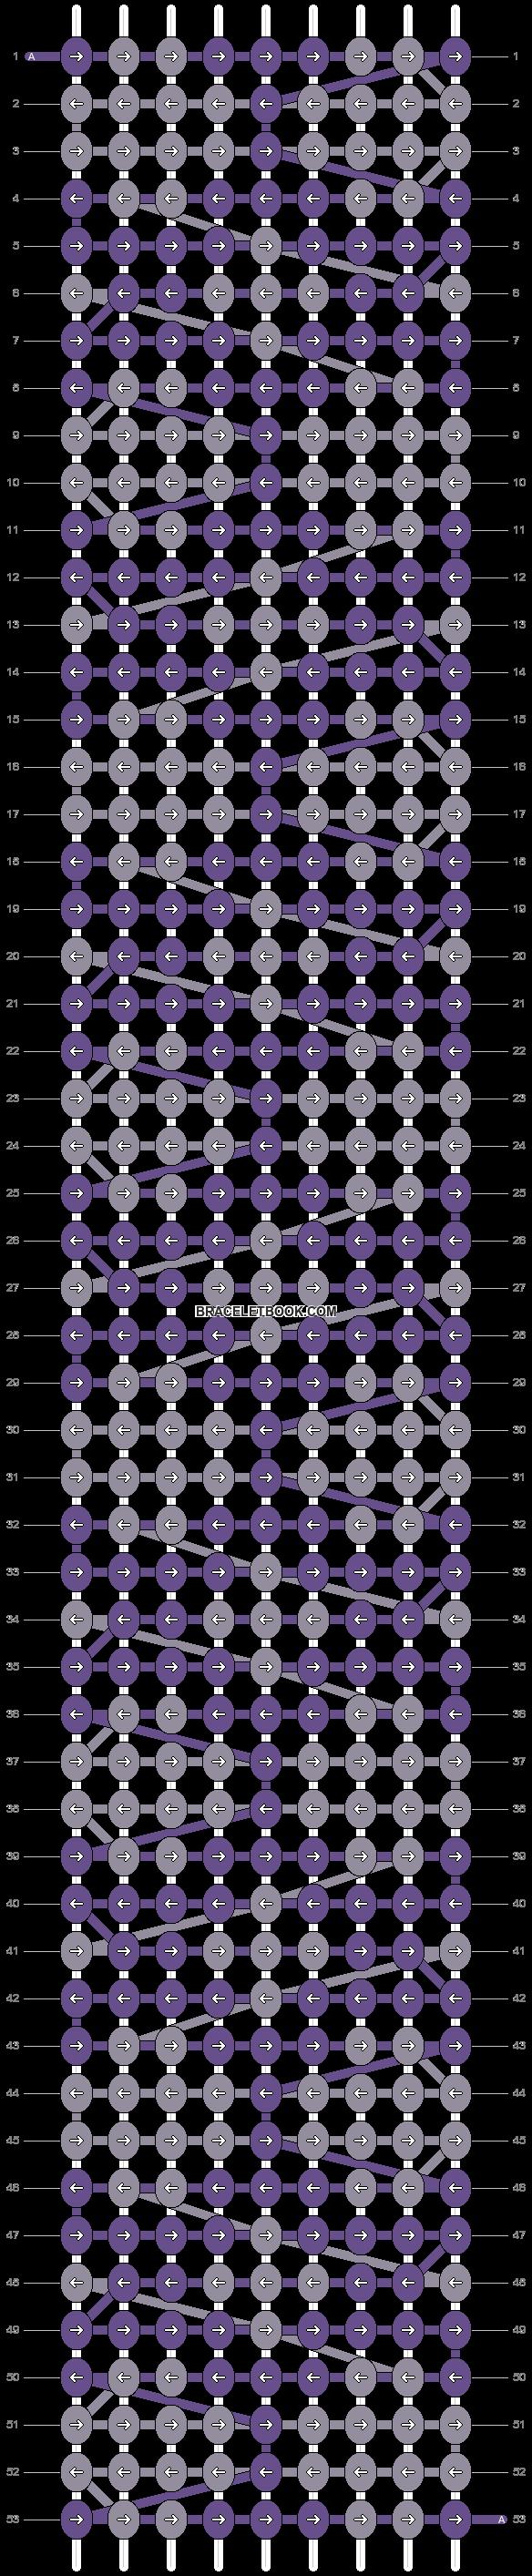 Alpha Pattern #12424 added by kross0504